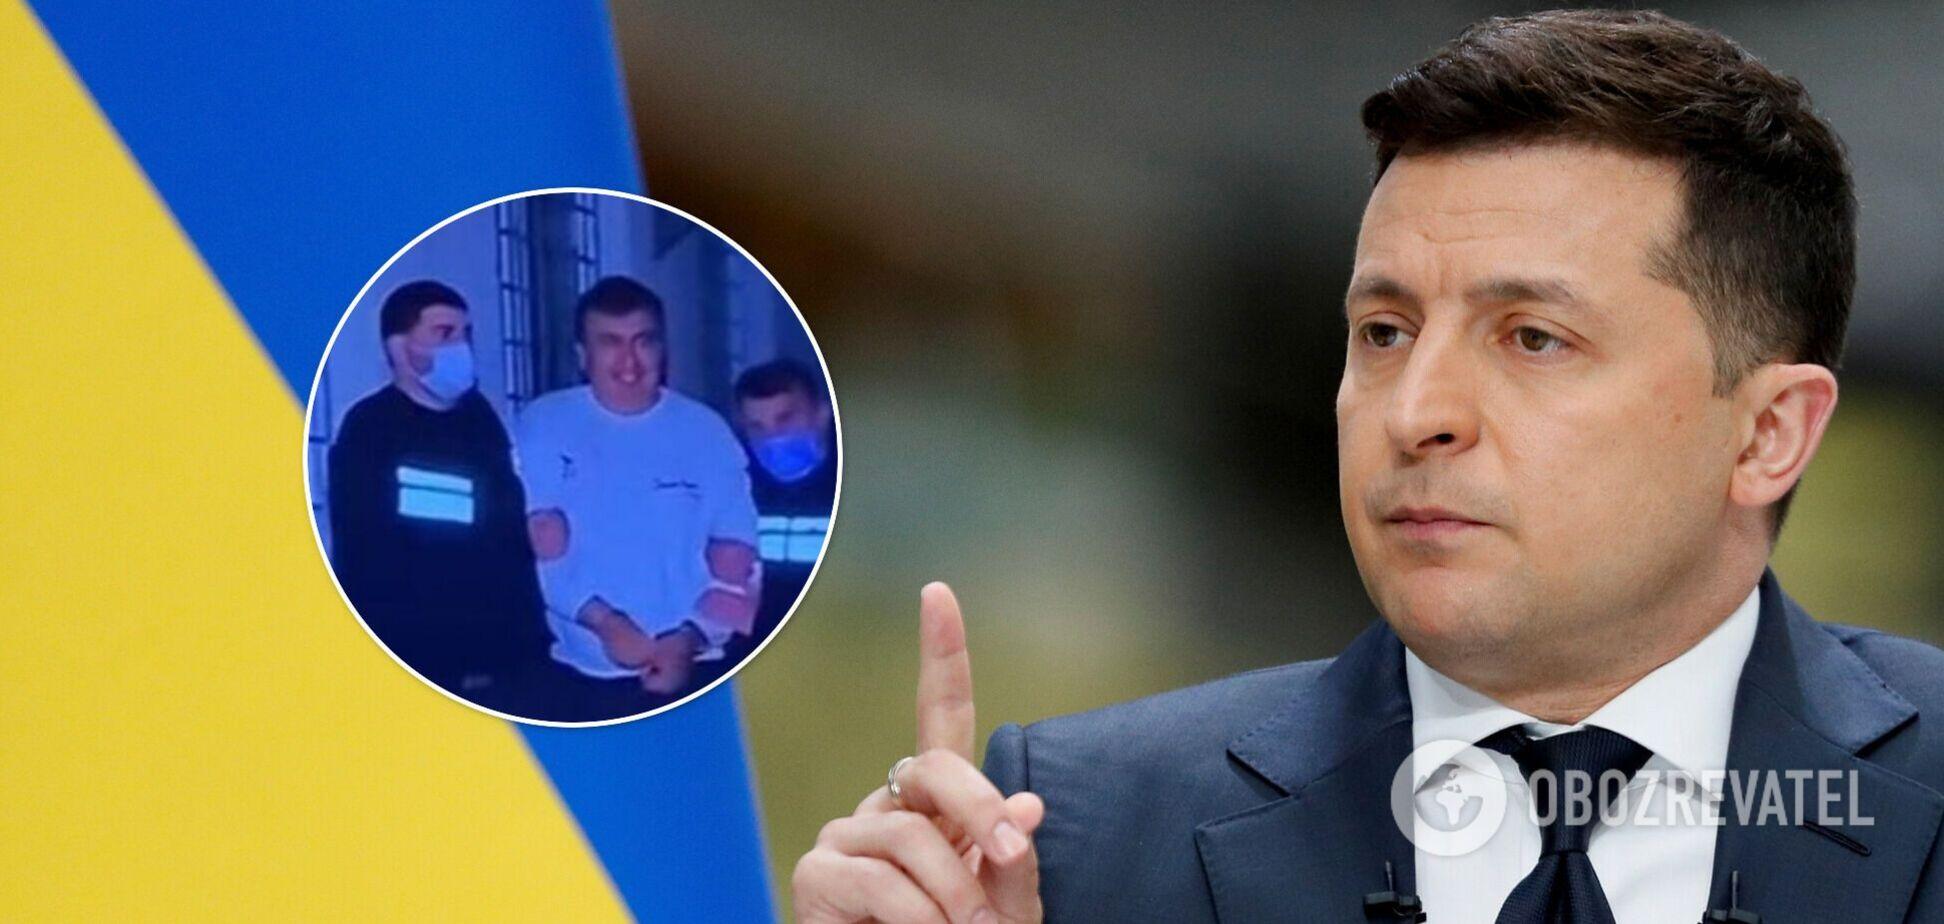 У Зеленского отреагировали на задержание Саакашвили: Украина призывает объяснить причины